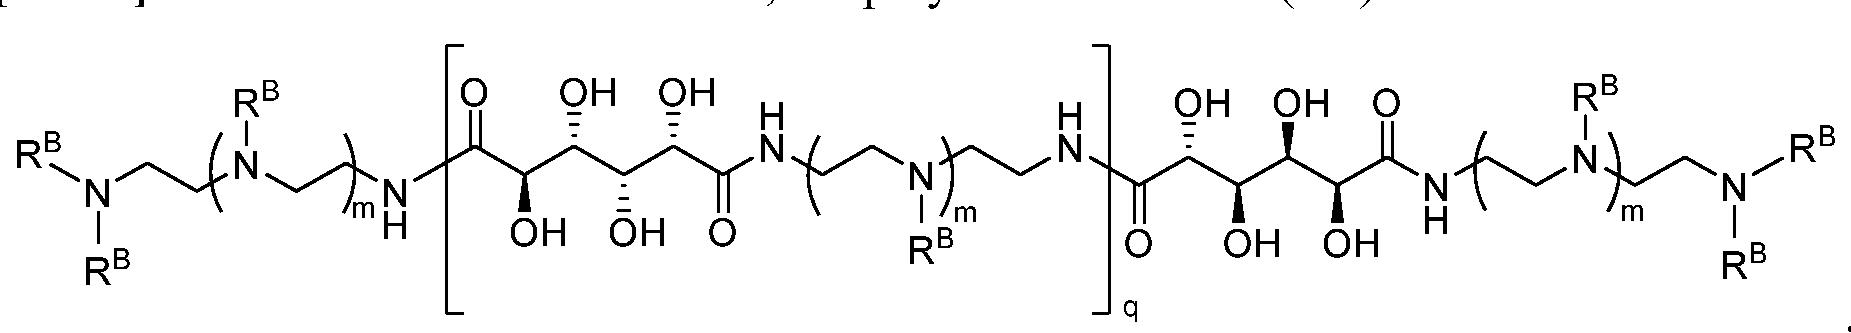 Figure imgf000103_0004